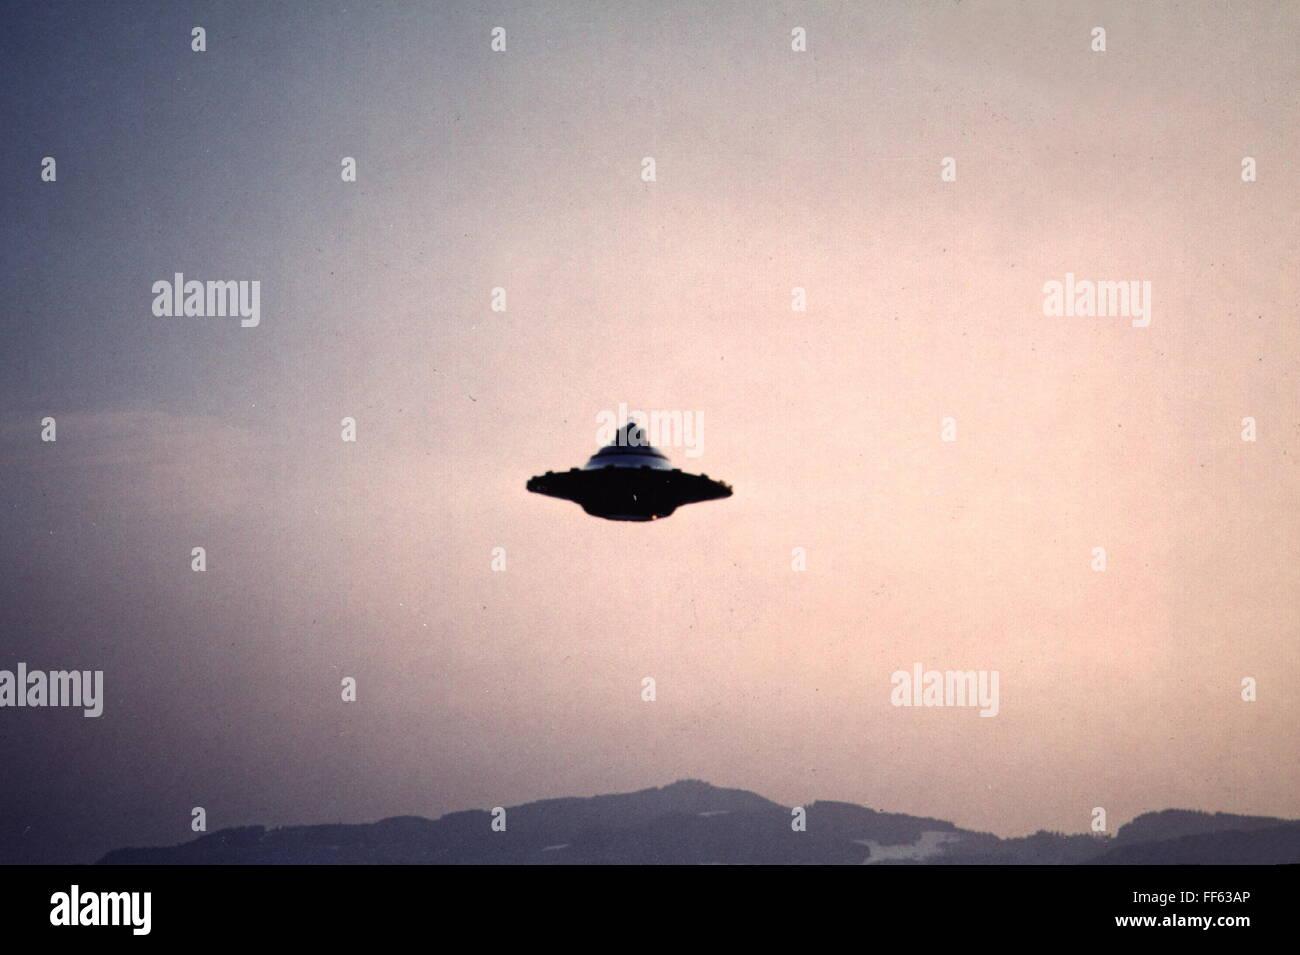 astronautics, unidentified flying object (UFO), flying ufo, Hasenböl-Langenberg, Switzerland, 29.3.1976, Additional - Stock Image